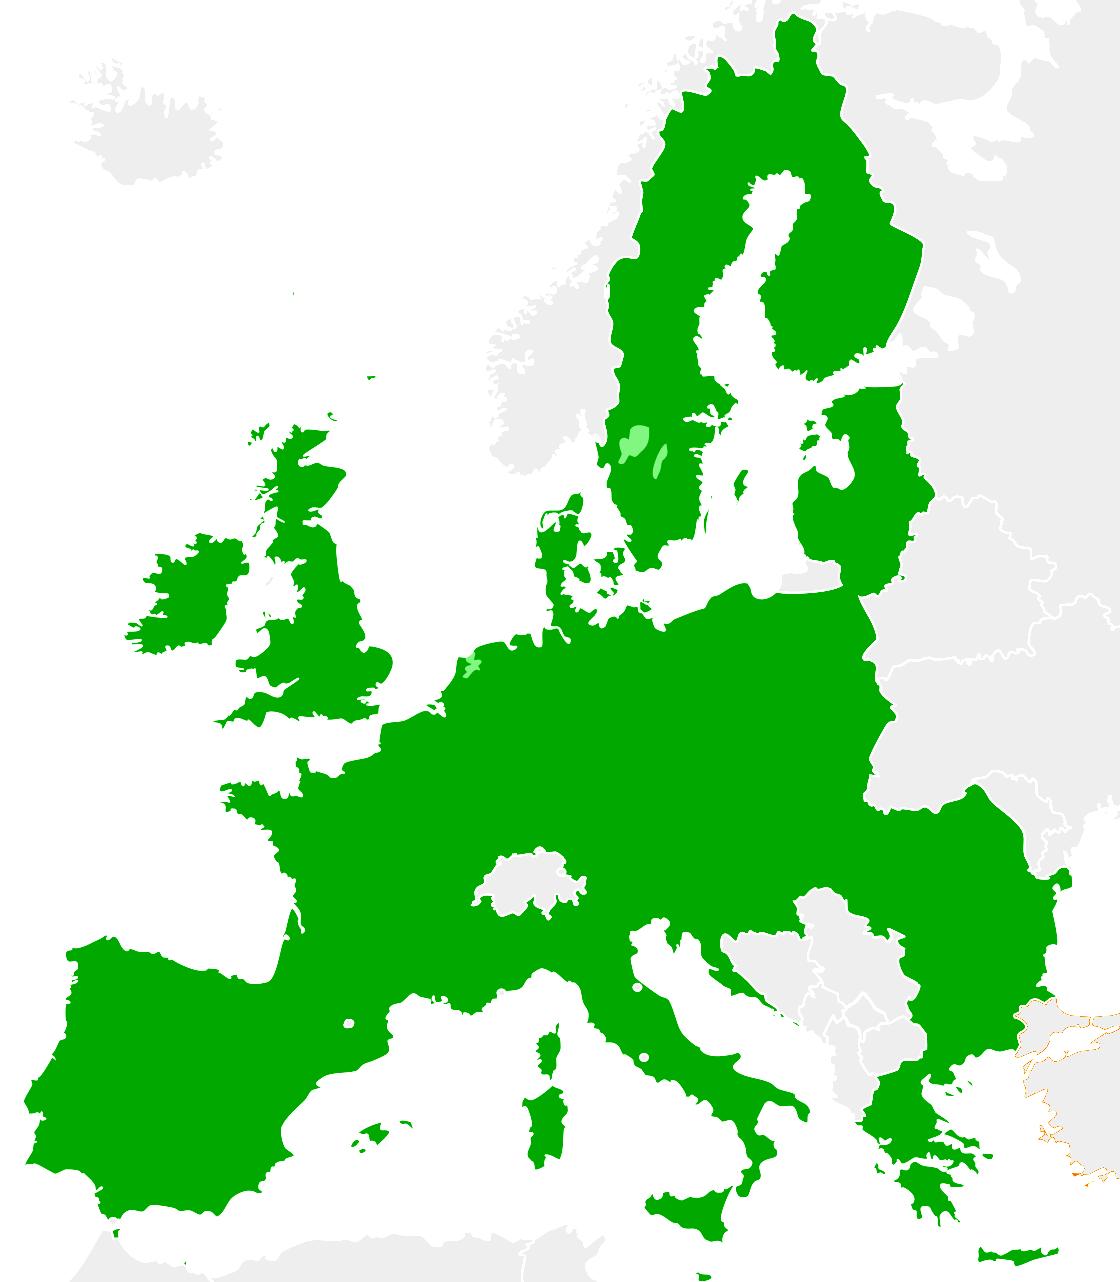 Bezpieczeństwo pracy w Unii Europejskiej